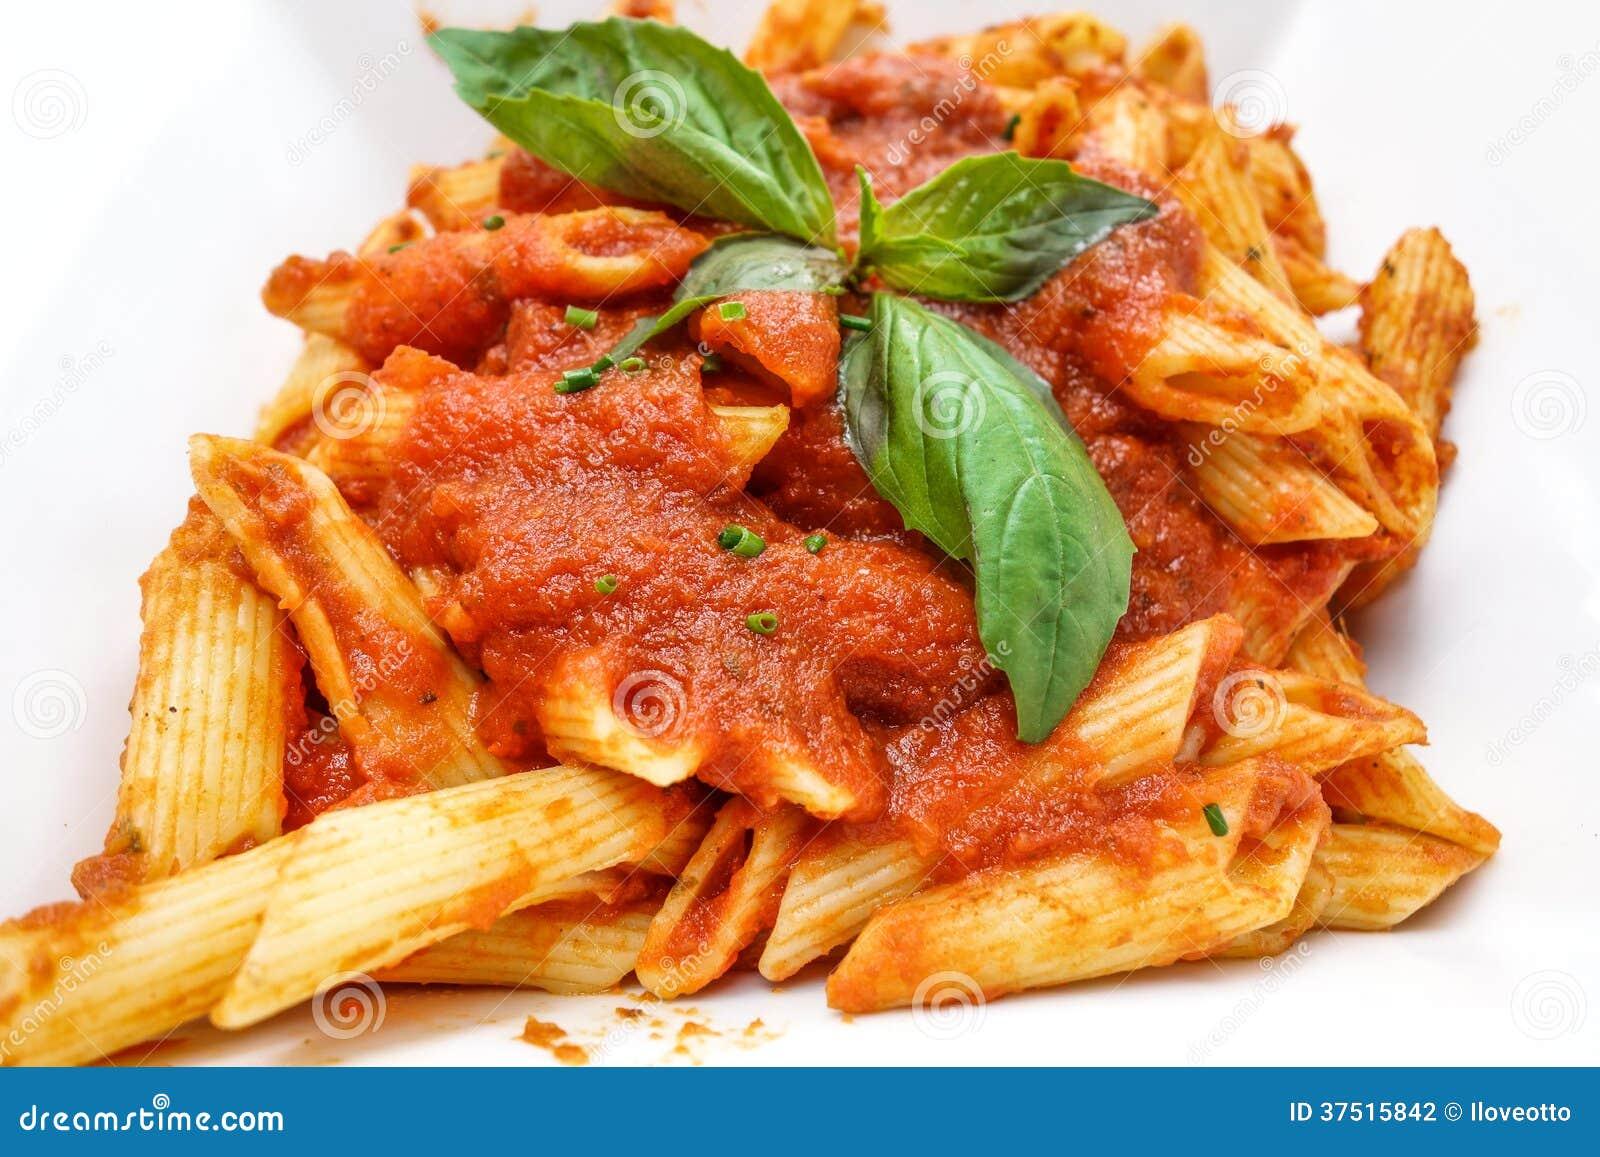 Tasty Pasta-Italian Meat Sauce Pasta Stock Photography - Image ...